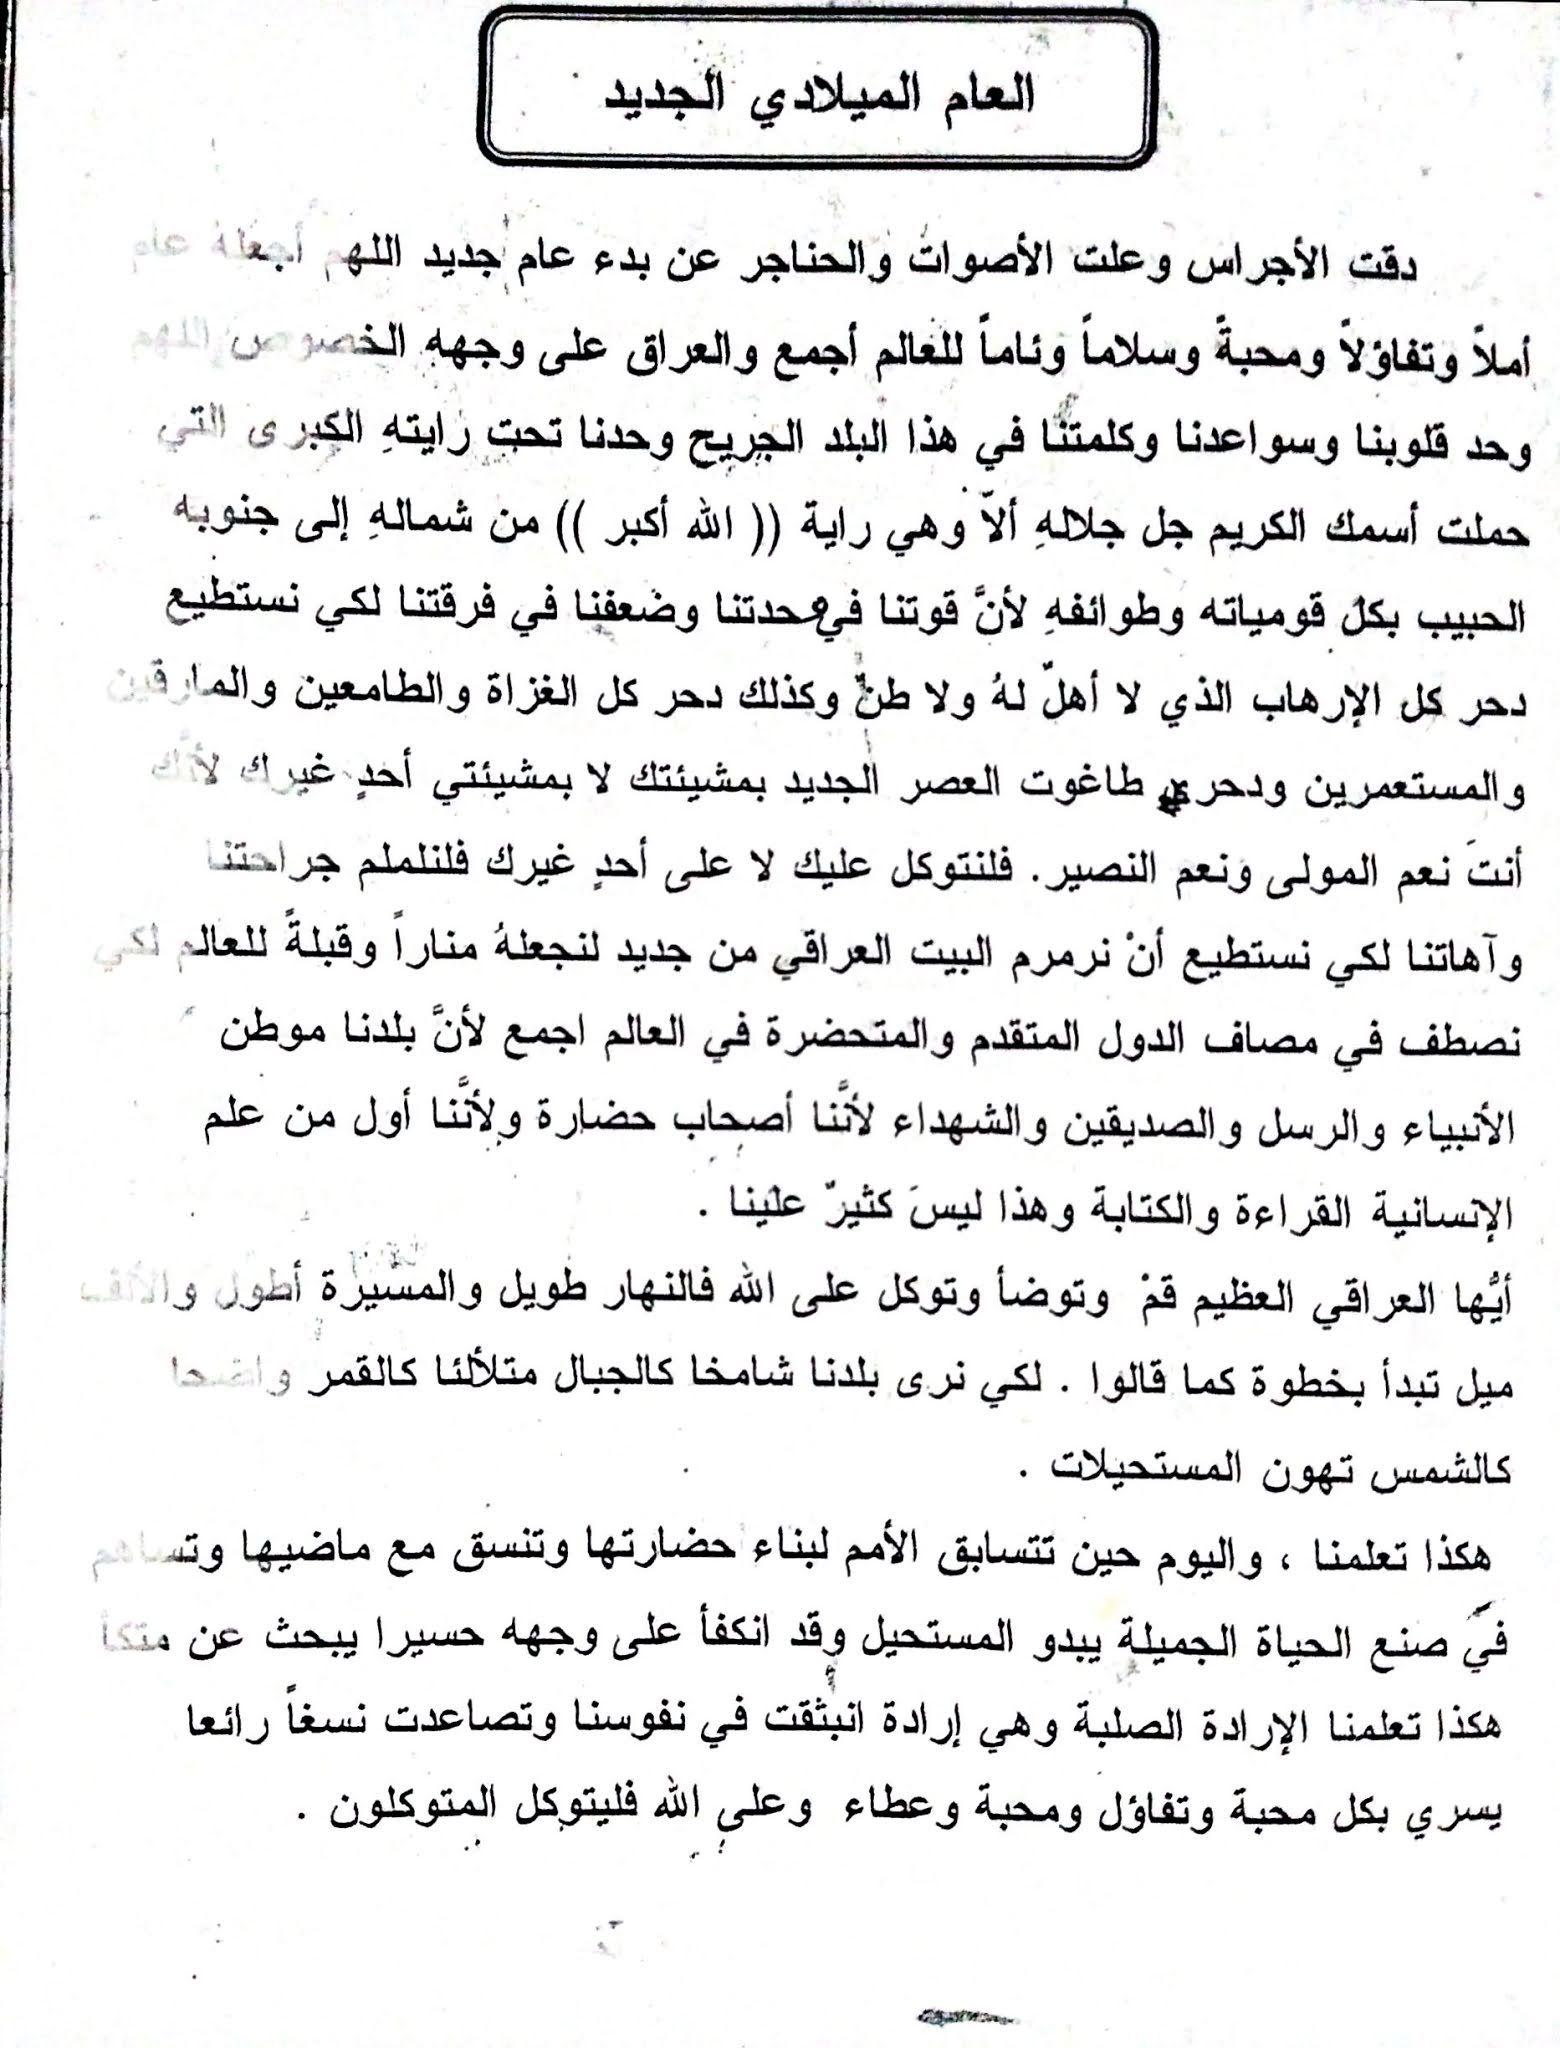 انشاء عن العام الجديد انشاء لغة عربية العام الميلادي الجديد انشاء سنة جديده اهلا بكم متابعي موقع وقناة الاستاذ احمد مهدي شلال في هذا الم In 2021 Math Blog Posts Blog